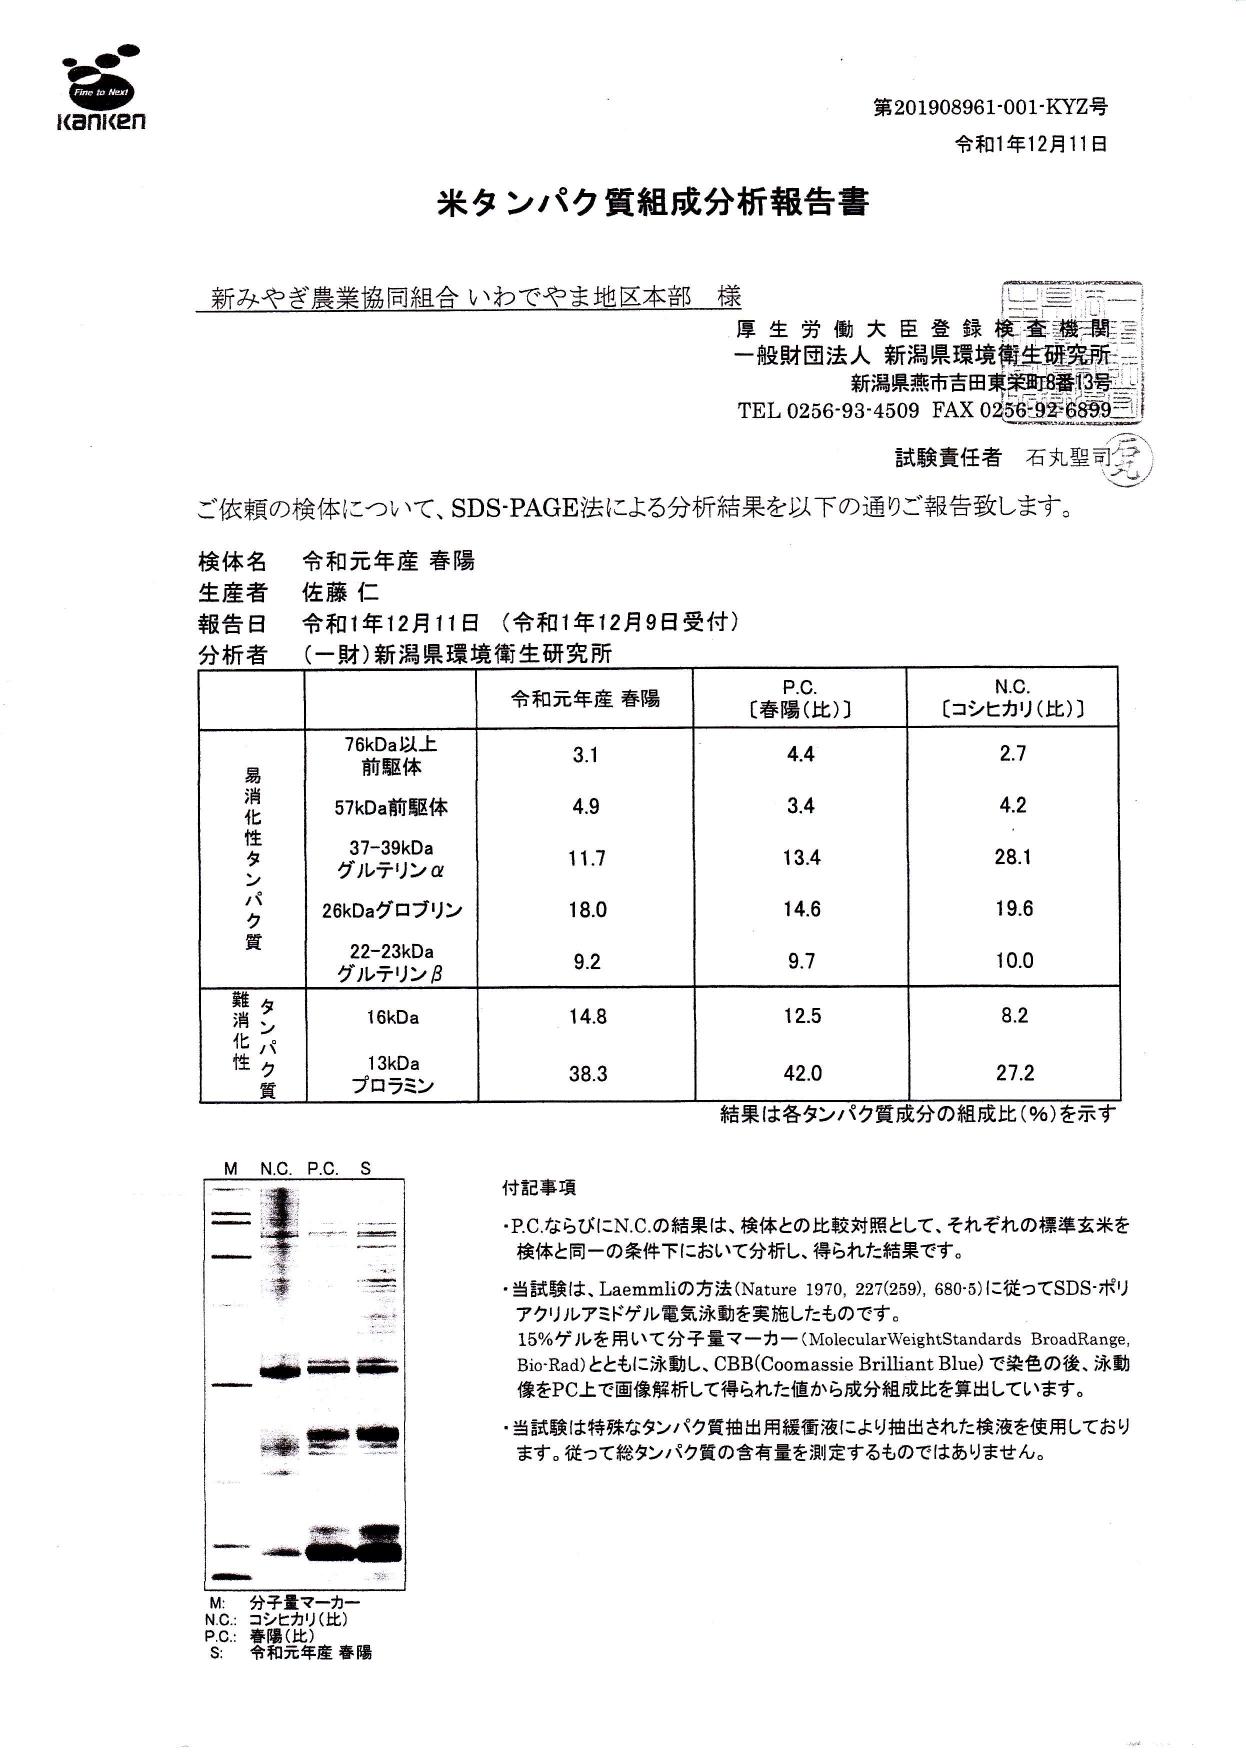 米タンパク質組成分析報告書1